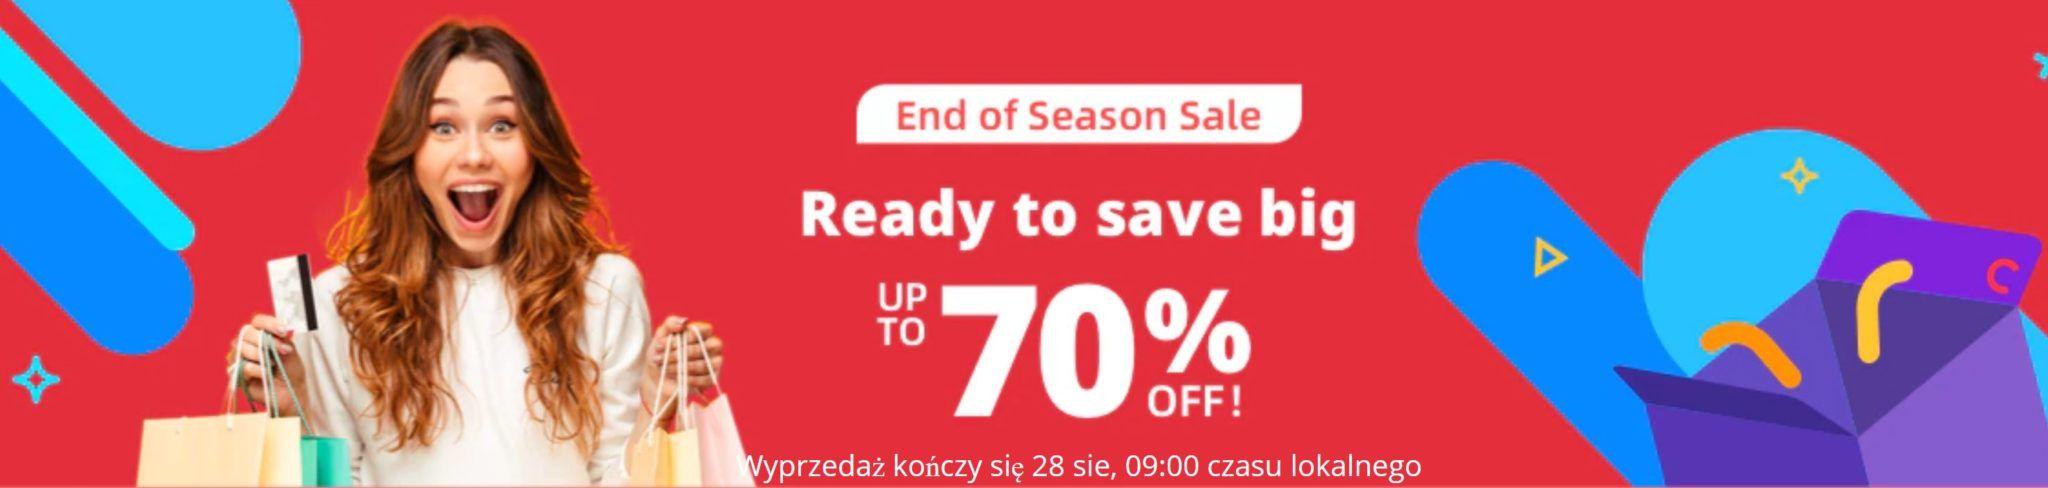 End of Season Sale - promocja AliExpress